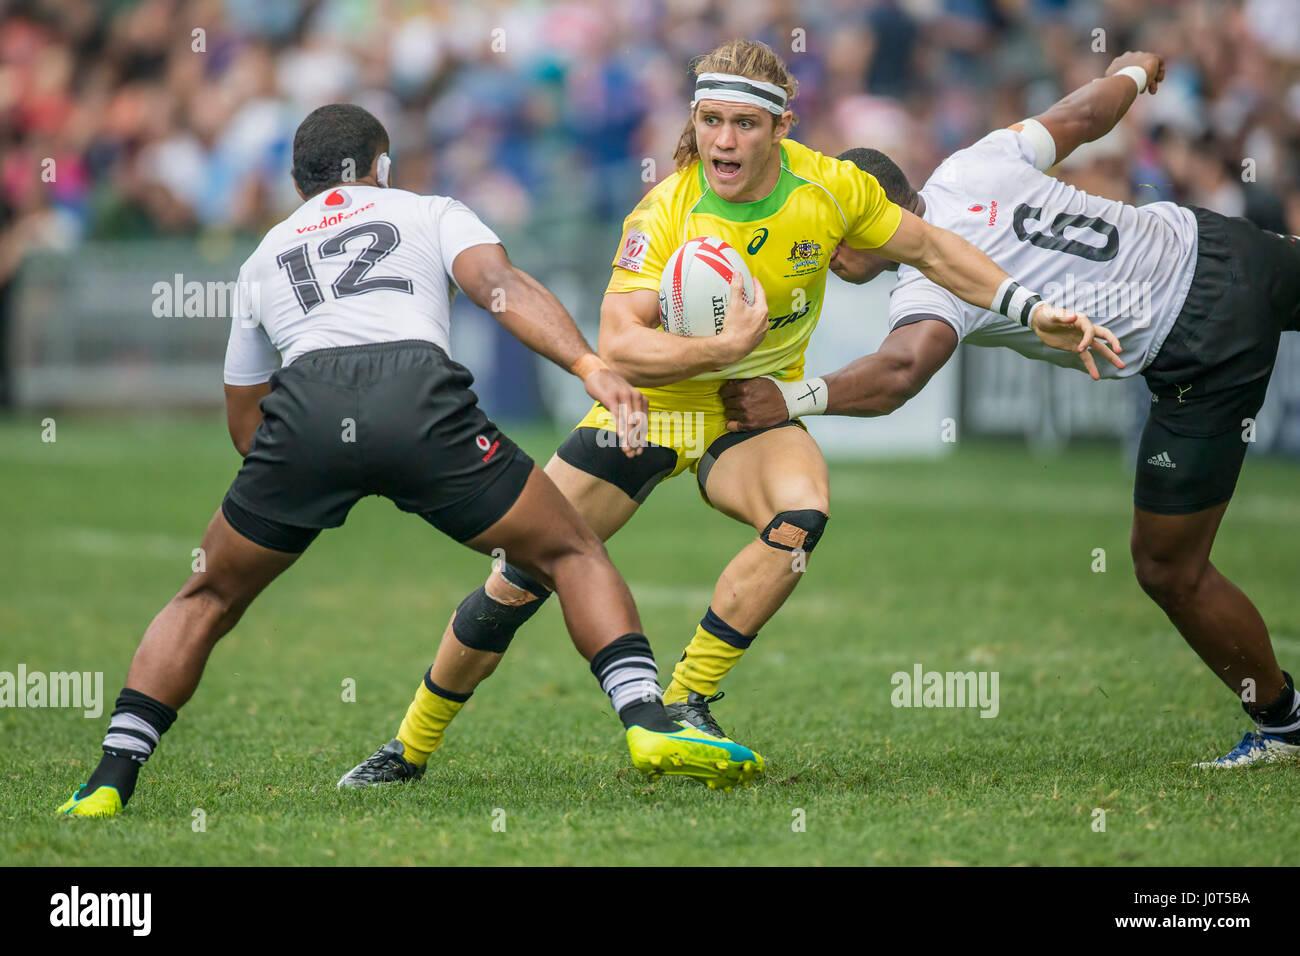 Fidji's Tom Lucas (Australie, 10) en action contre l'Vatemo Ravouvou, Fidji (12) Mesulame Kunavula et Fidji Photo Stock